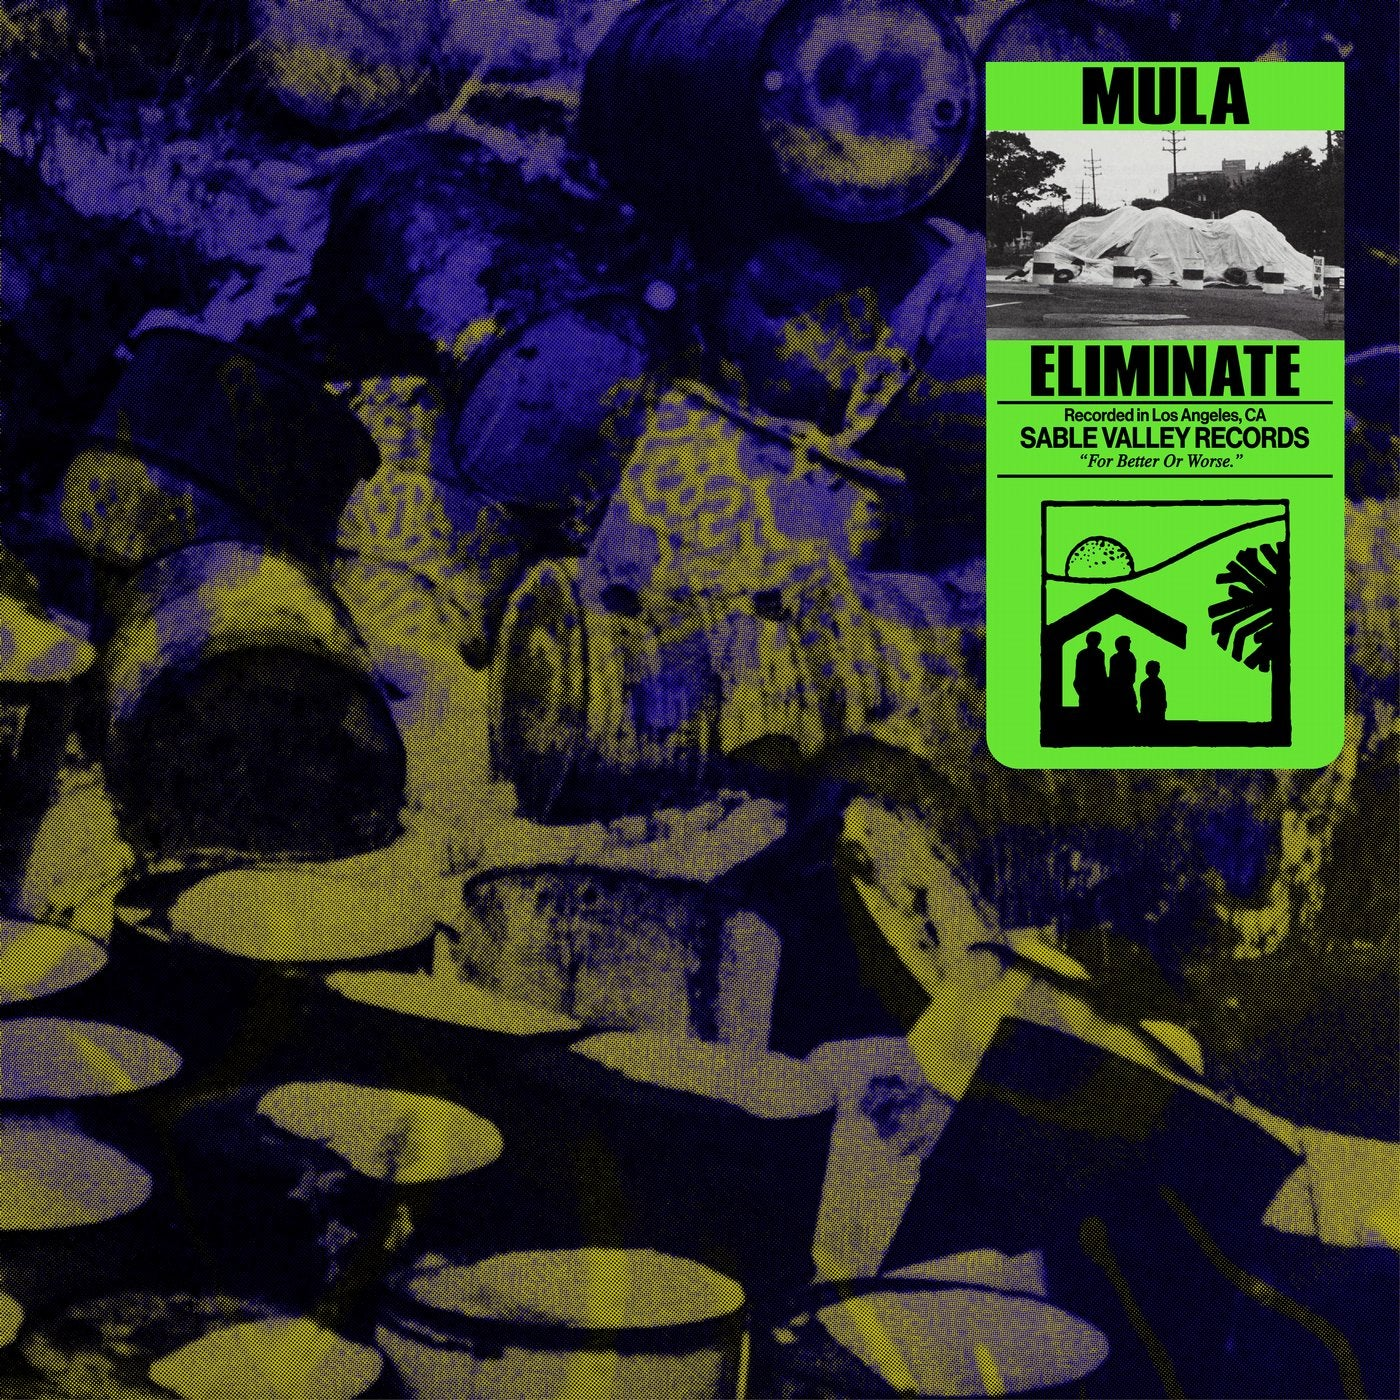 Mula (Original Mix)